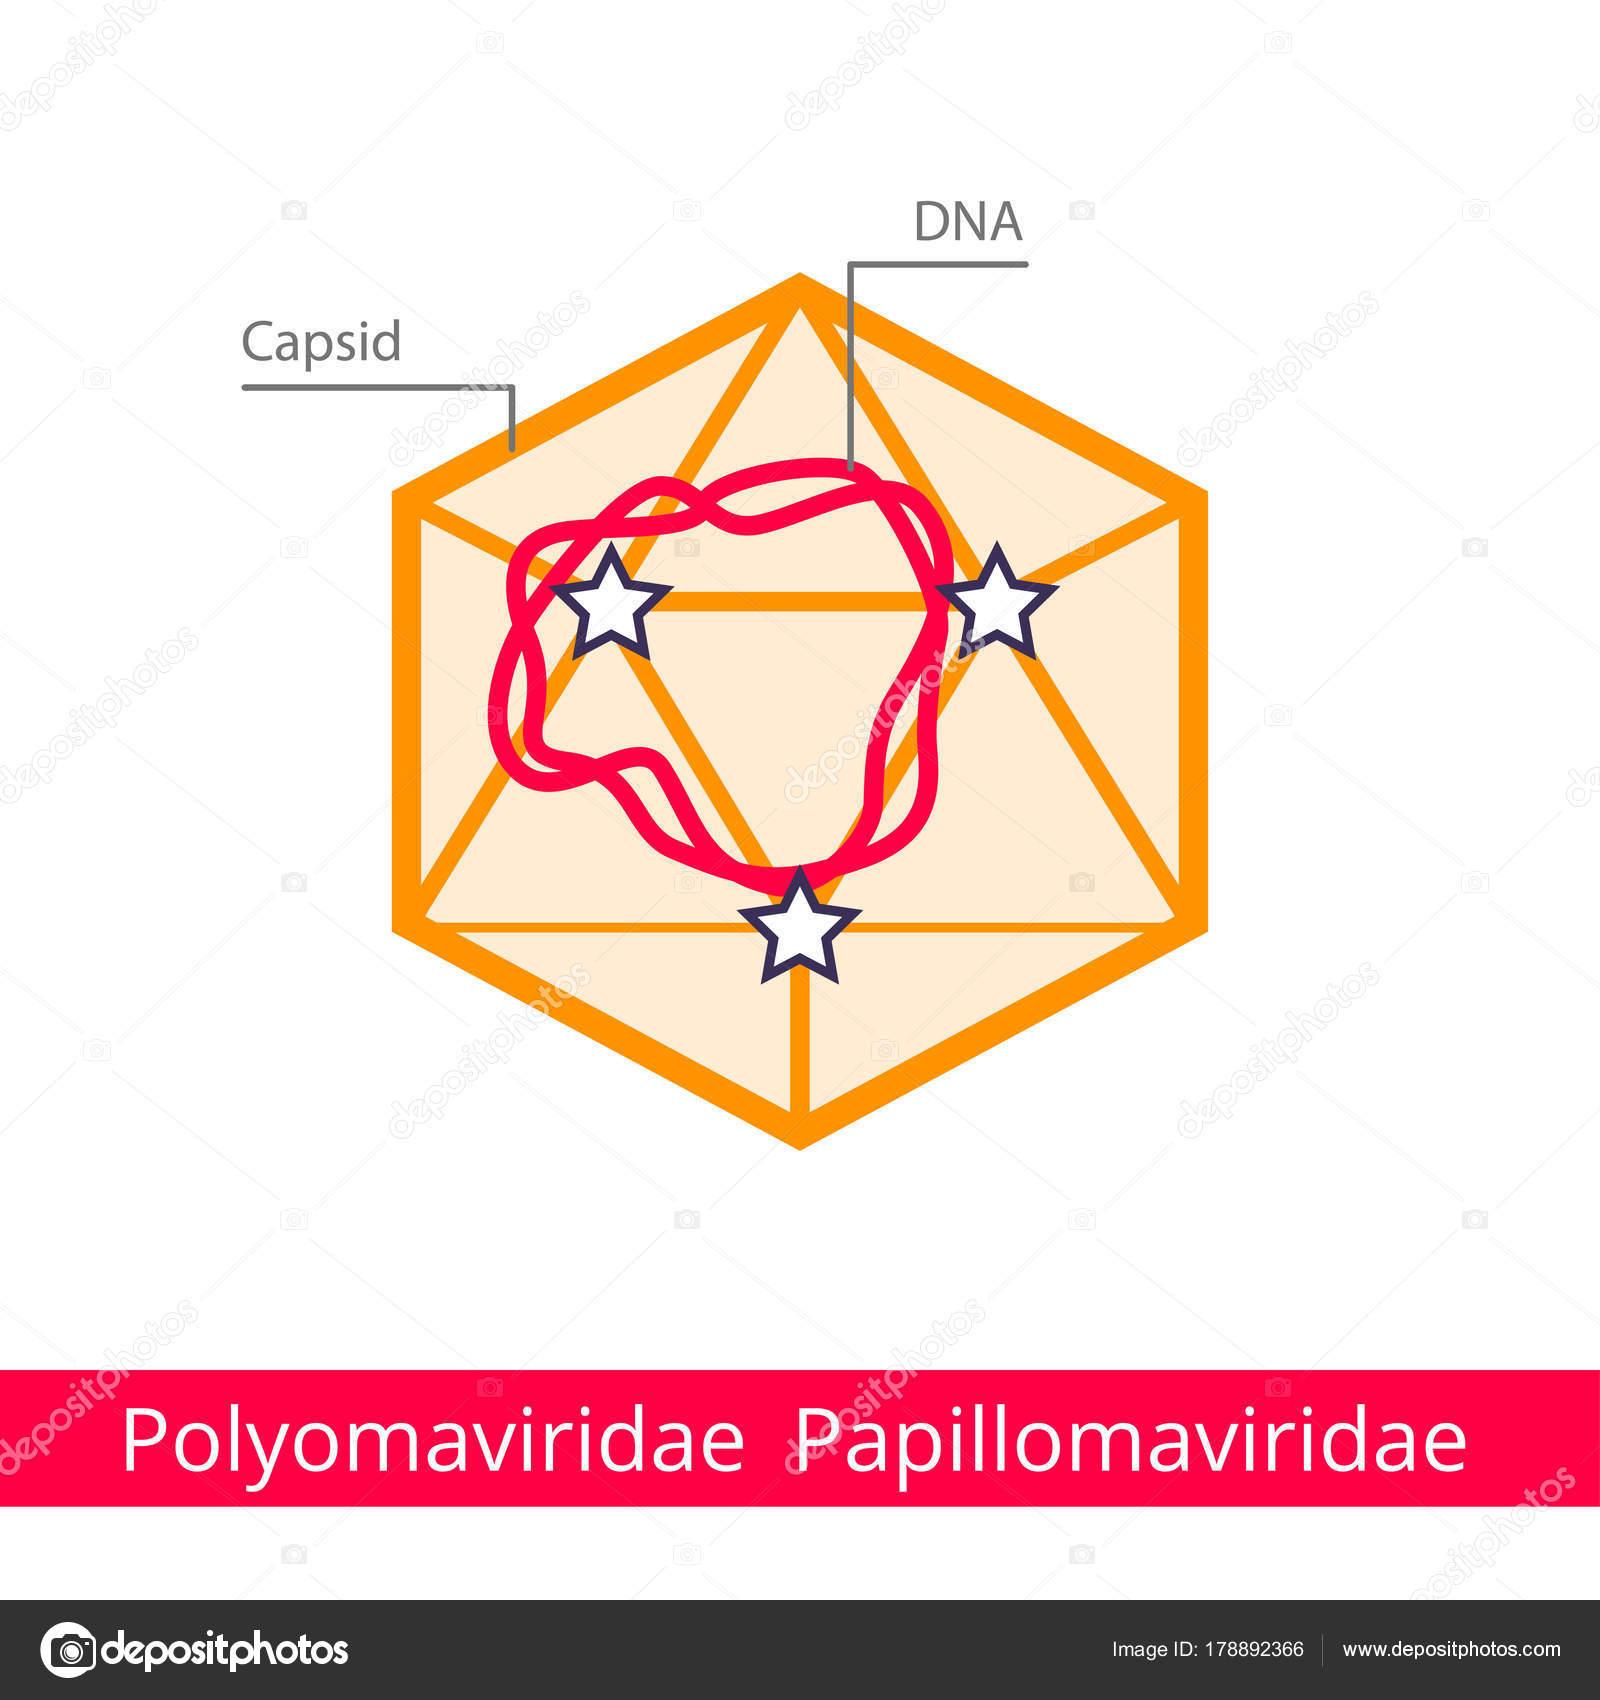 polyomaviridae papillomaviridae)